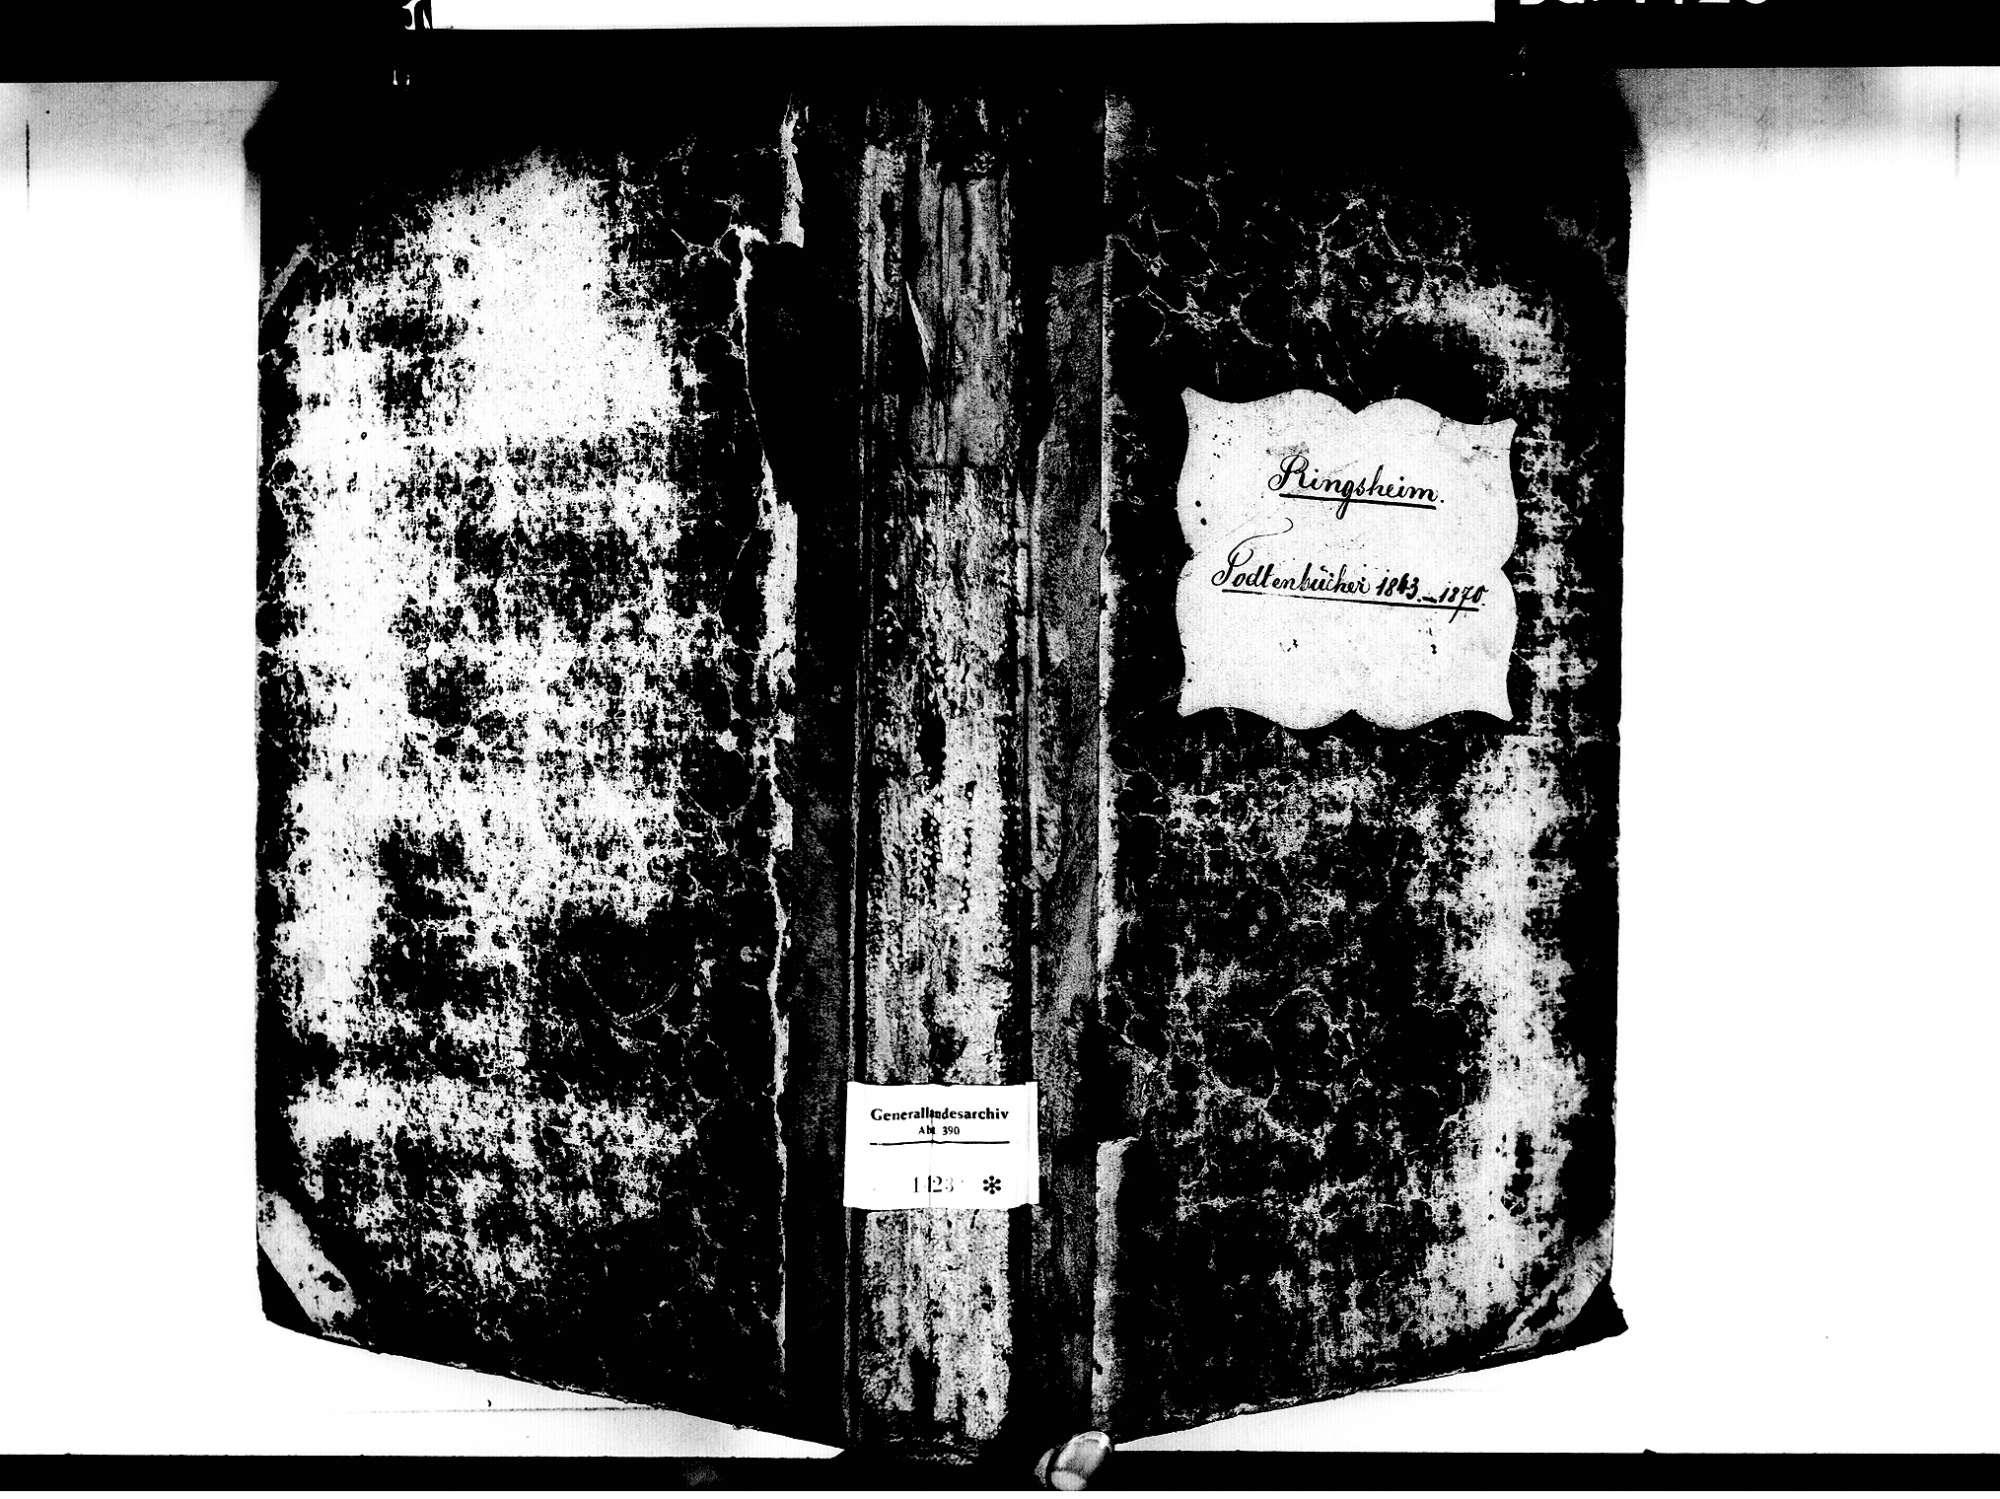 Ringsheim OG; Katholische Gemeinde: Sterbebuch 1843-1870, Bild 1